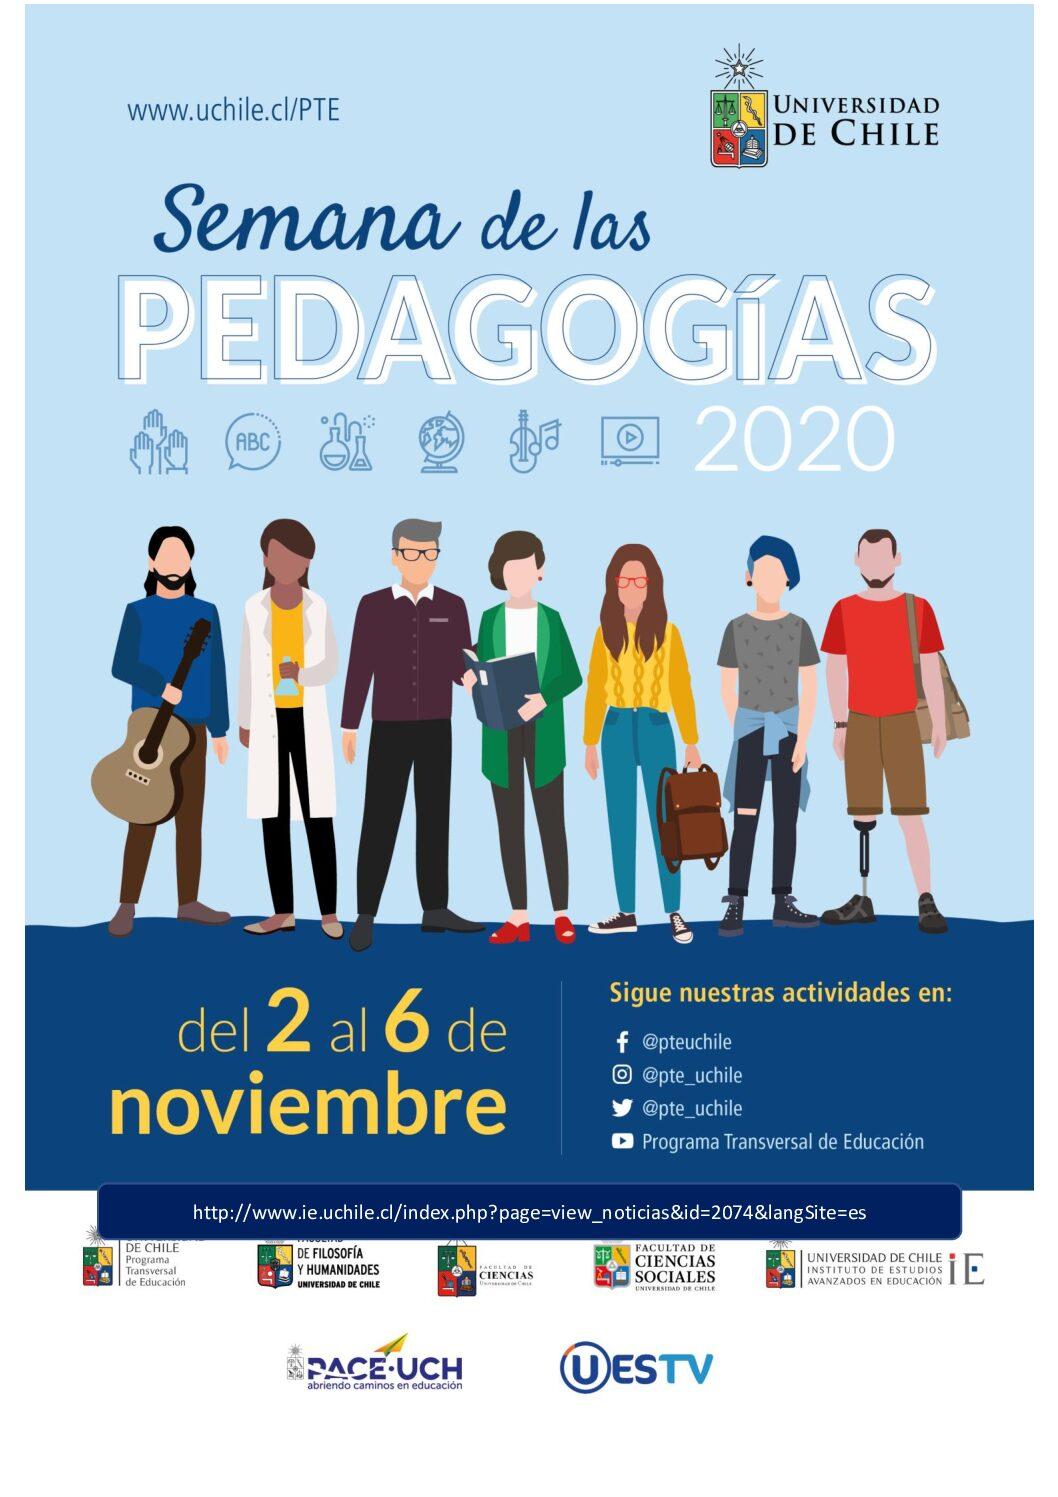 Semana de las Pedagogías 2020